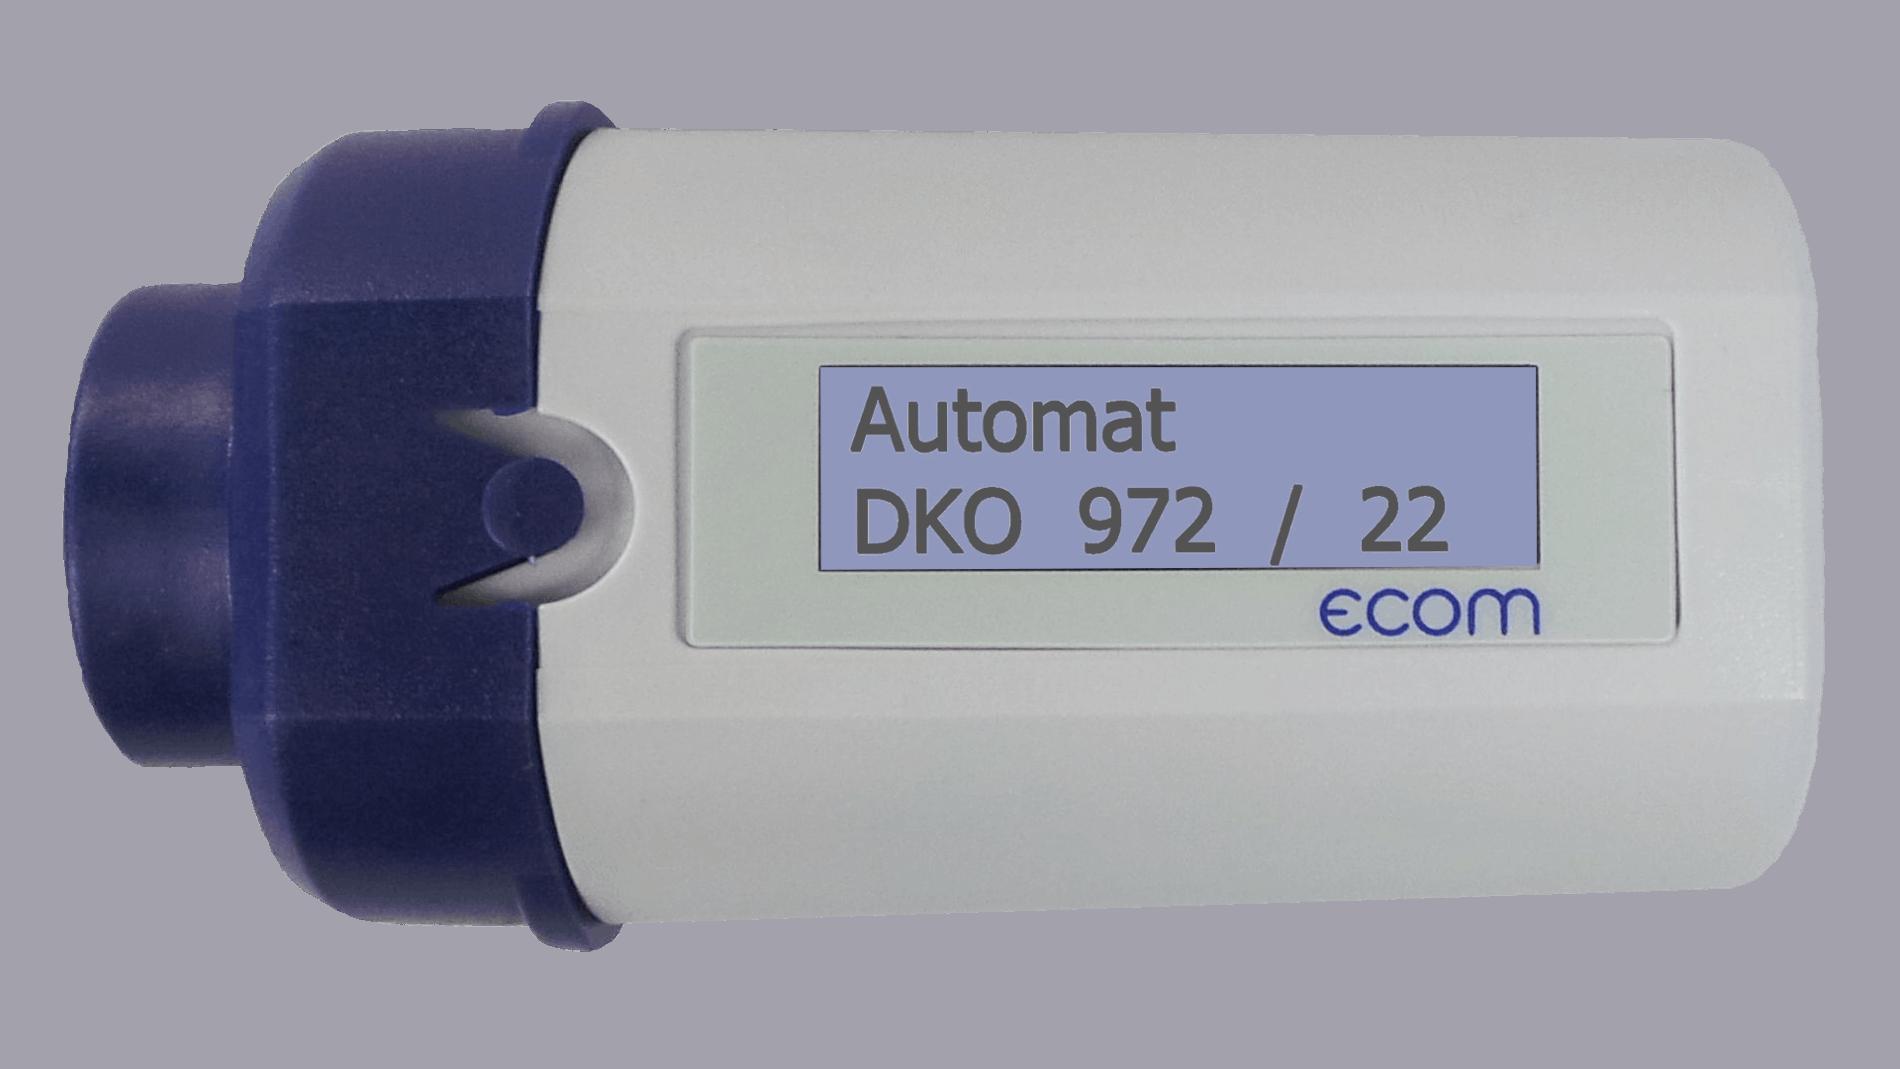 Auslesekopf: ecom-AK